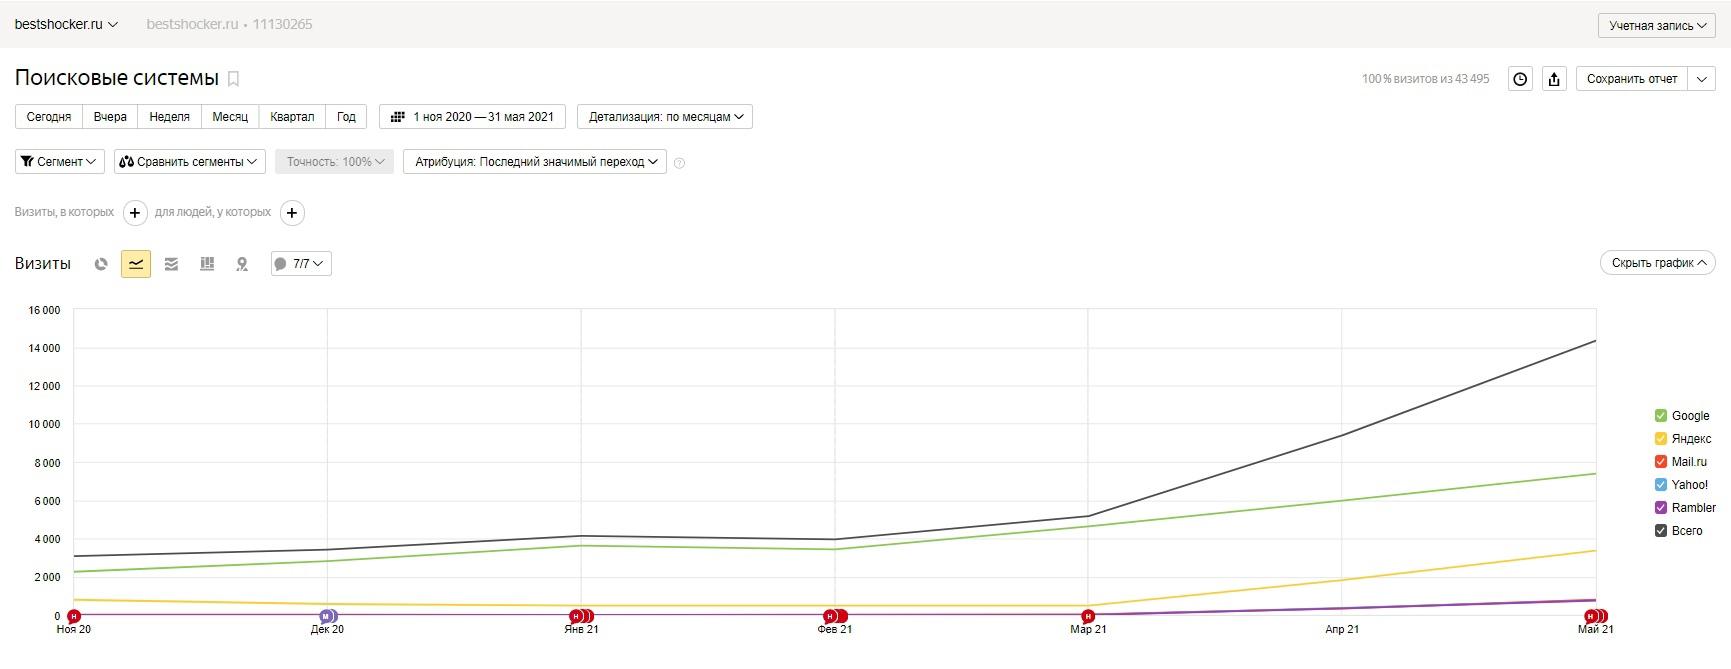 Рисунок 1 - Переходы с поисковых систем Яндекс.Метрика